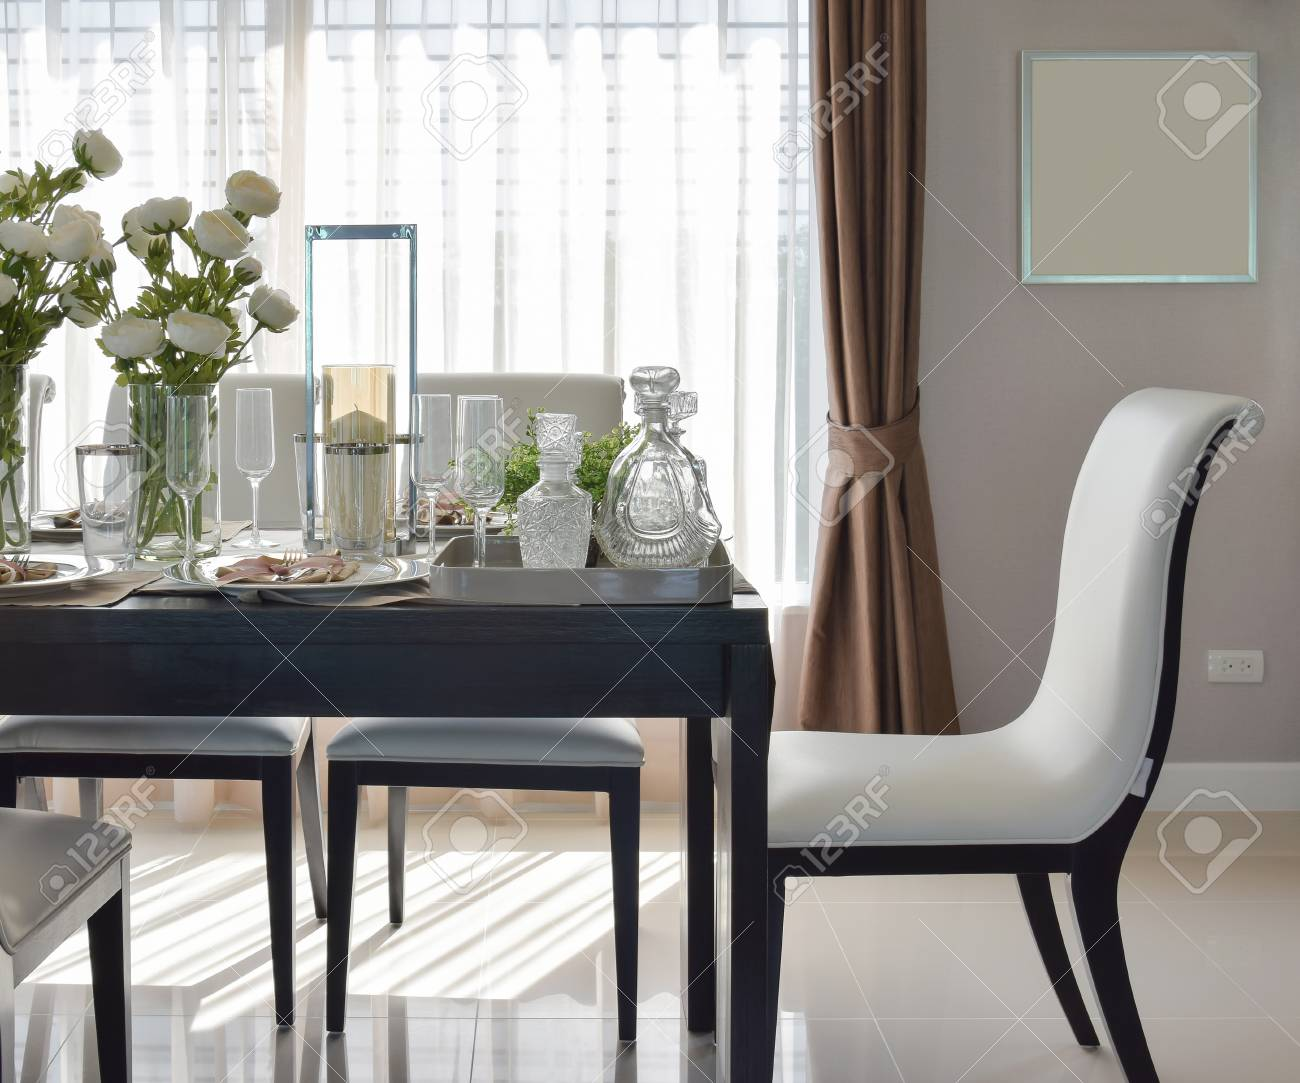 Mesa de comedor de madera y sillas cómodas en casa moderna con una elegante  mesa